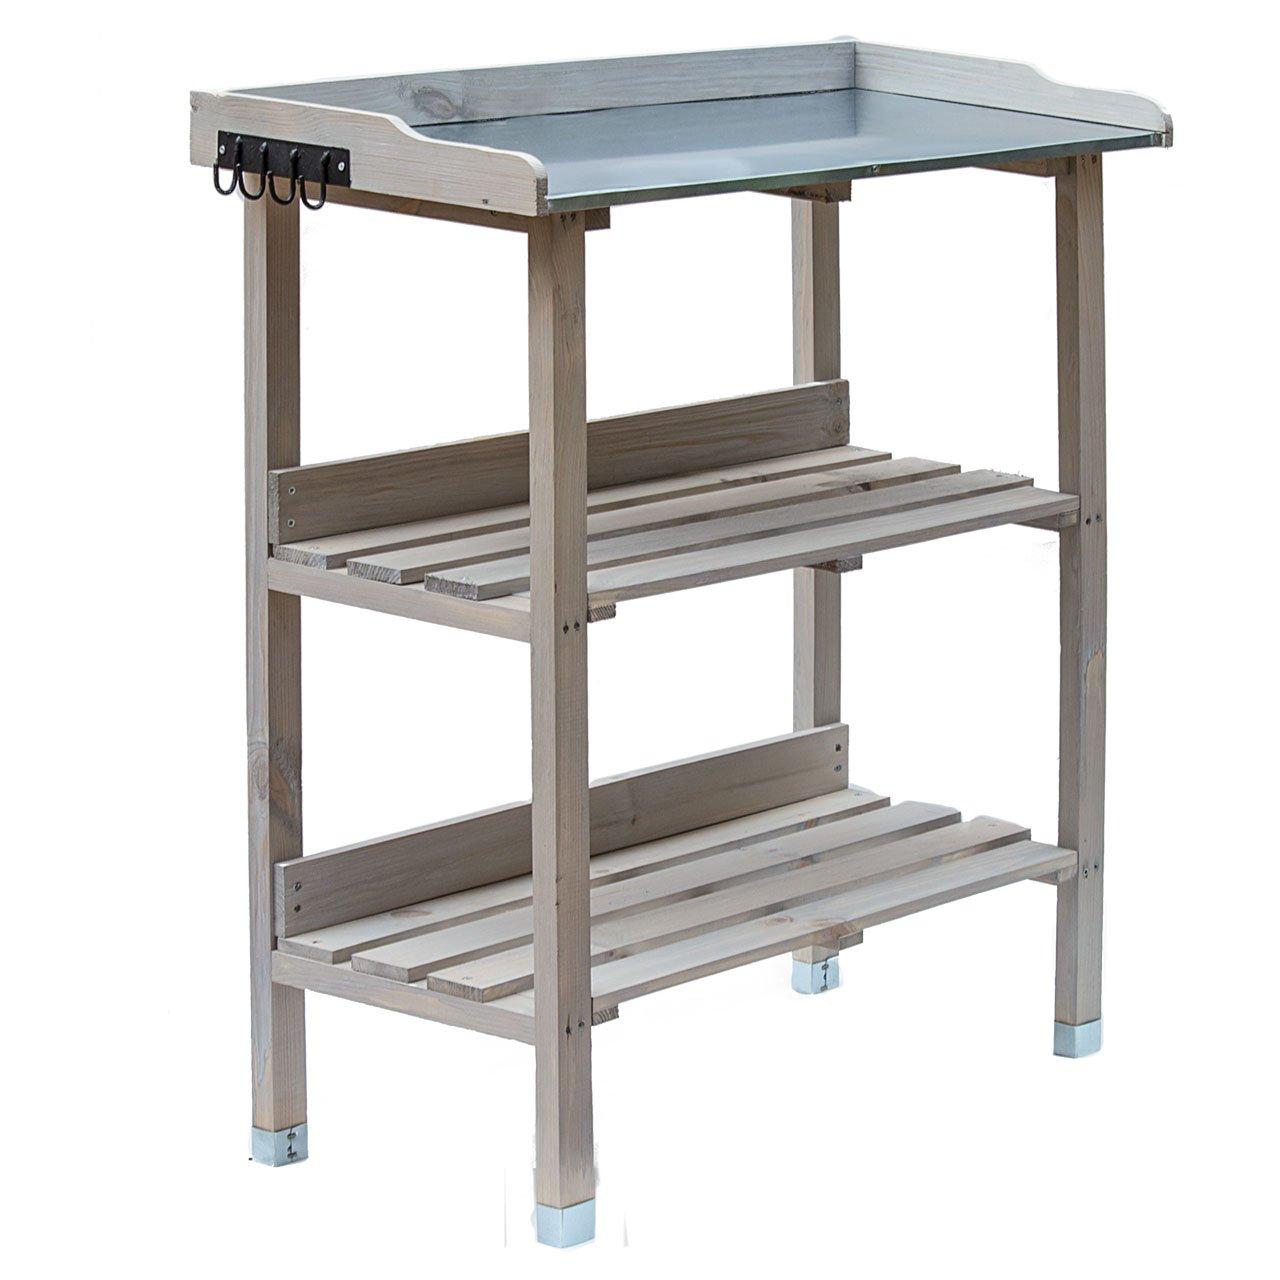 Mesa de plantación de madera, mesa de jardín con placa de zinc y 2 estantes, resistente